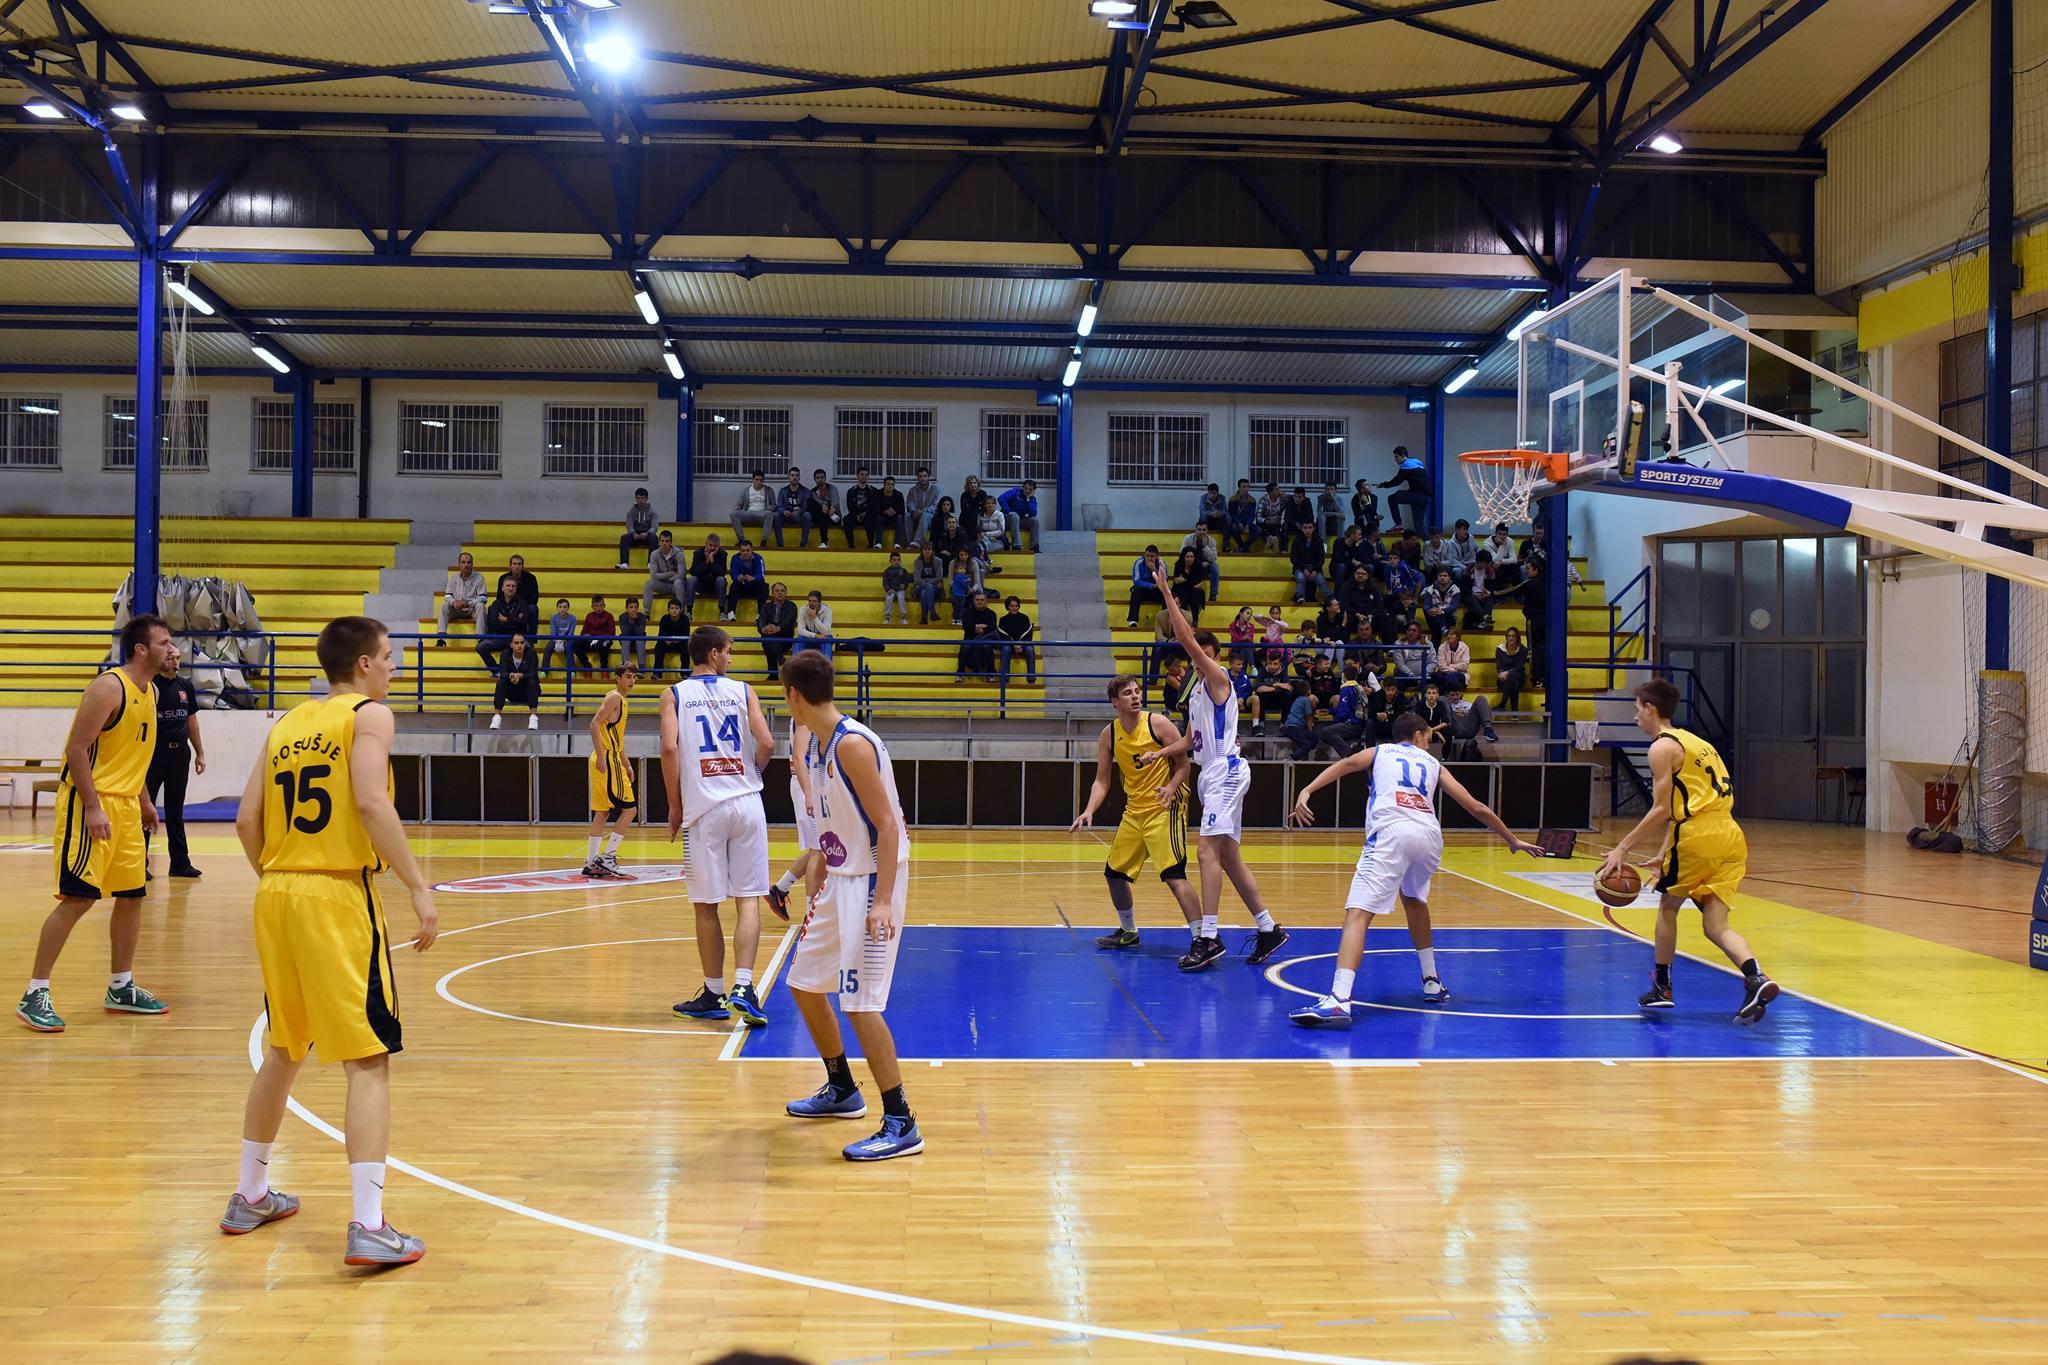 Košarkaši nastavljaju s pobjedama u pripremnim utakmicama: Igrom oduševljavaju mlađi igrači